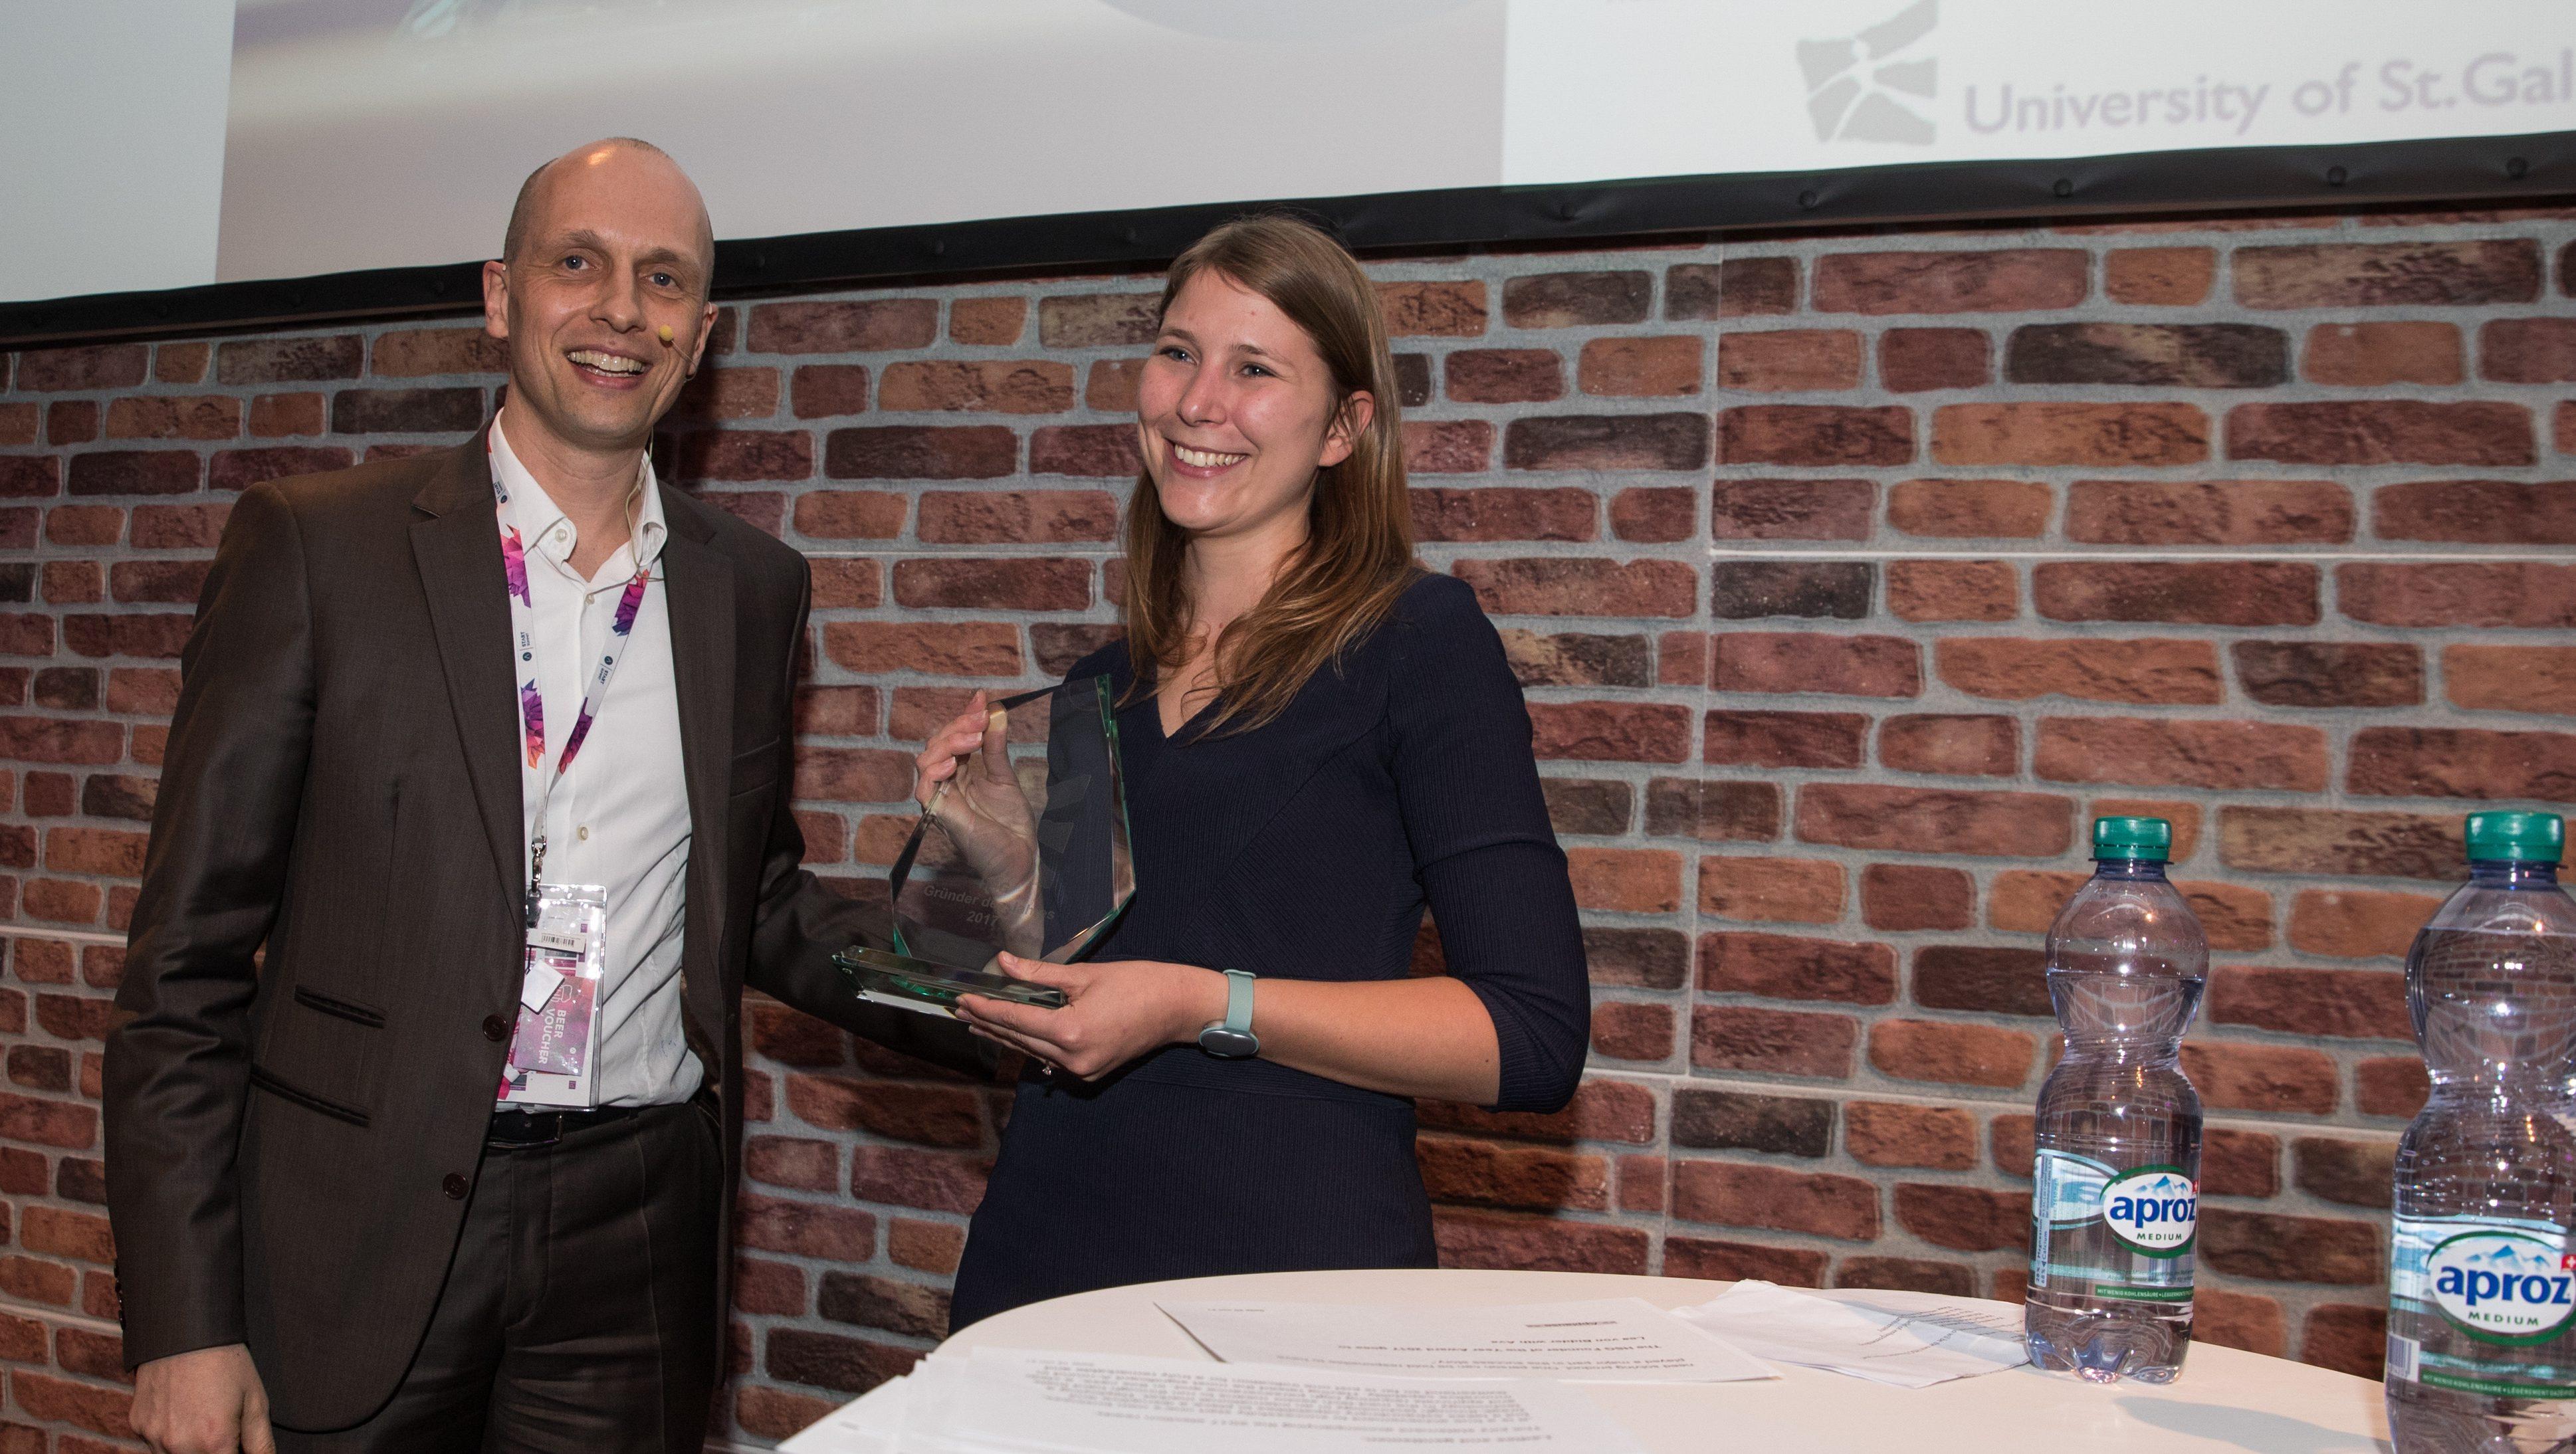 Congrats! – HSG Gründerin des Jahres Lea von Bidder unter den TOP30-Entrepreneuren unter 30 Jahren in den USA